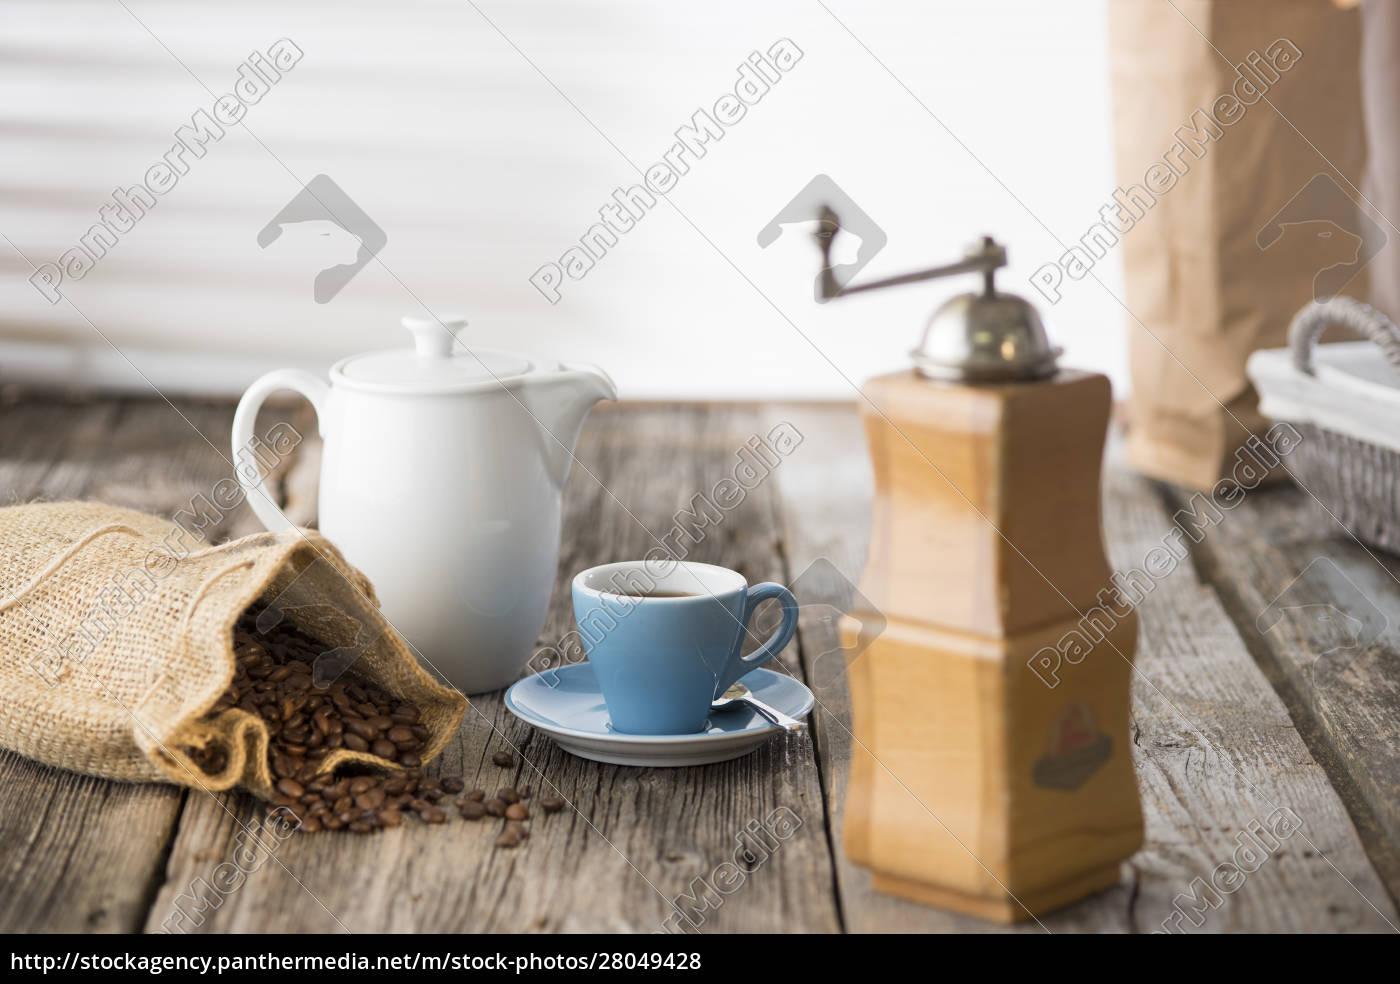 deutschland, oberbayern, bayern, kaffee, stillleben - 28049428